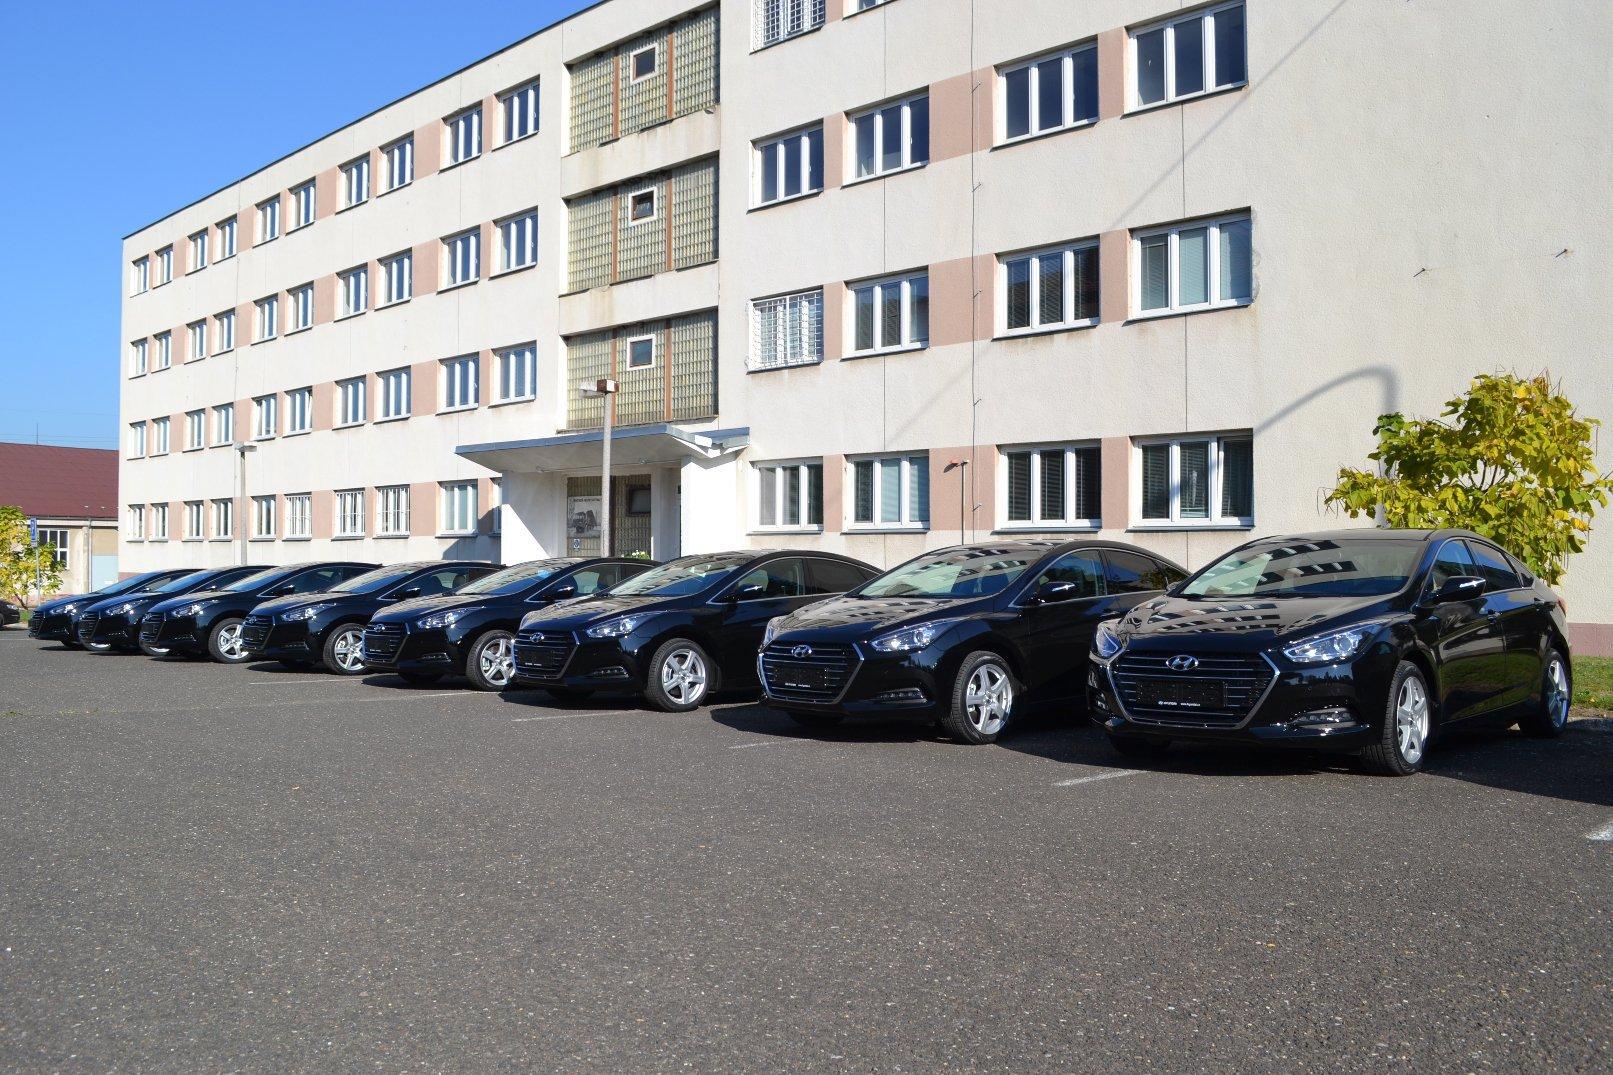 Ministerstvo obrany bude nyní využívat osm Hyundaiů i40.